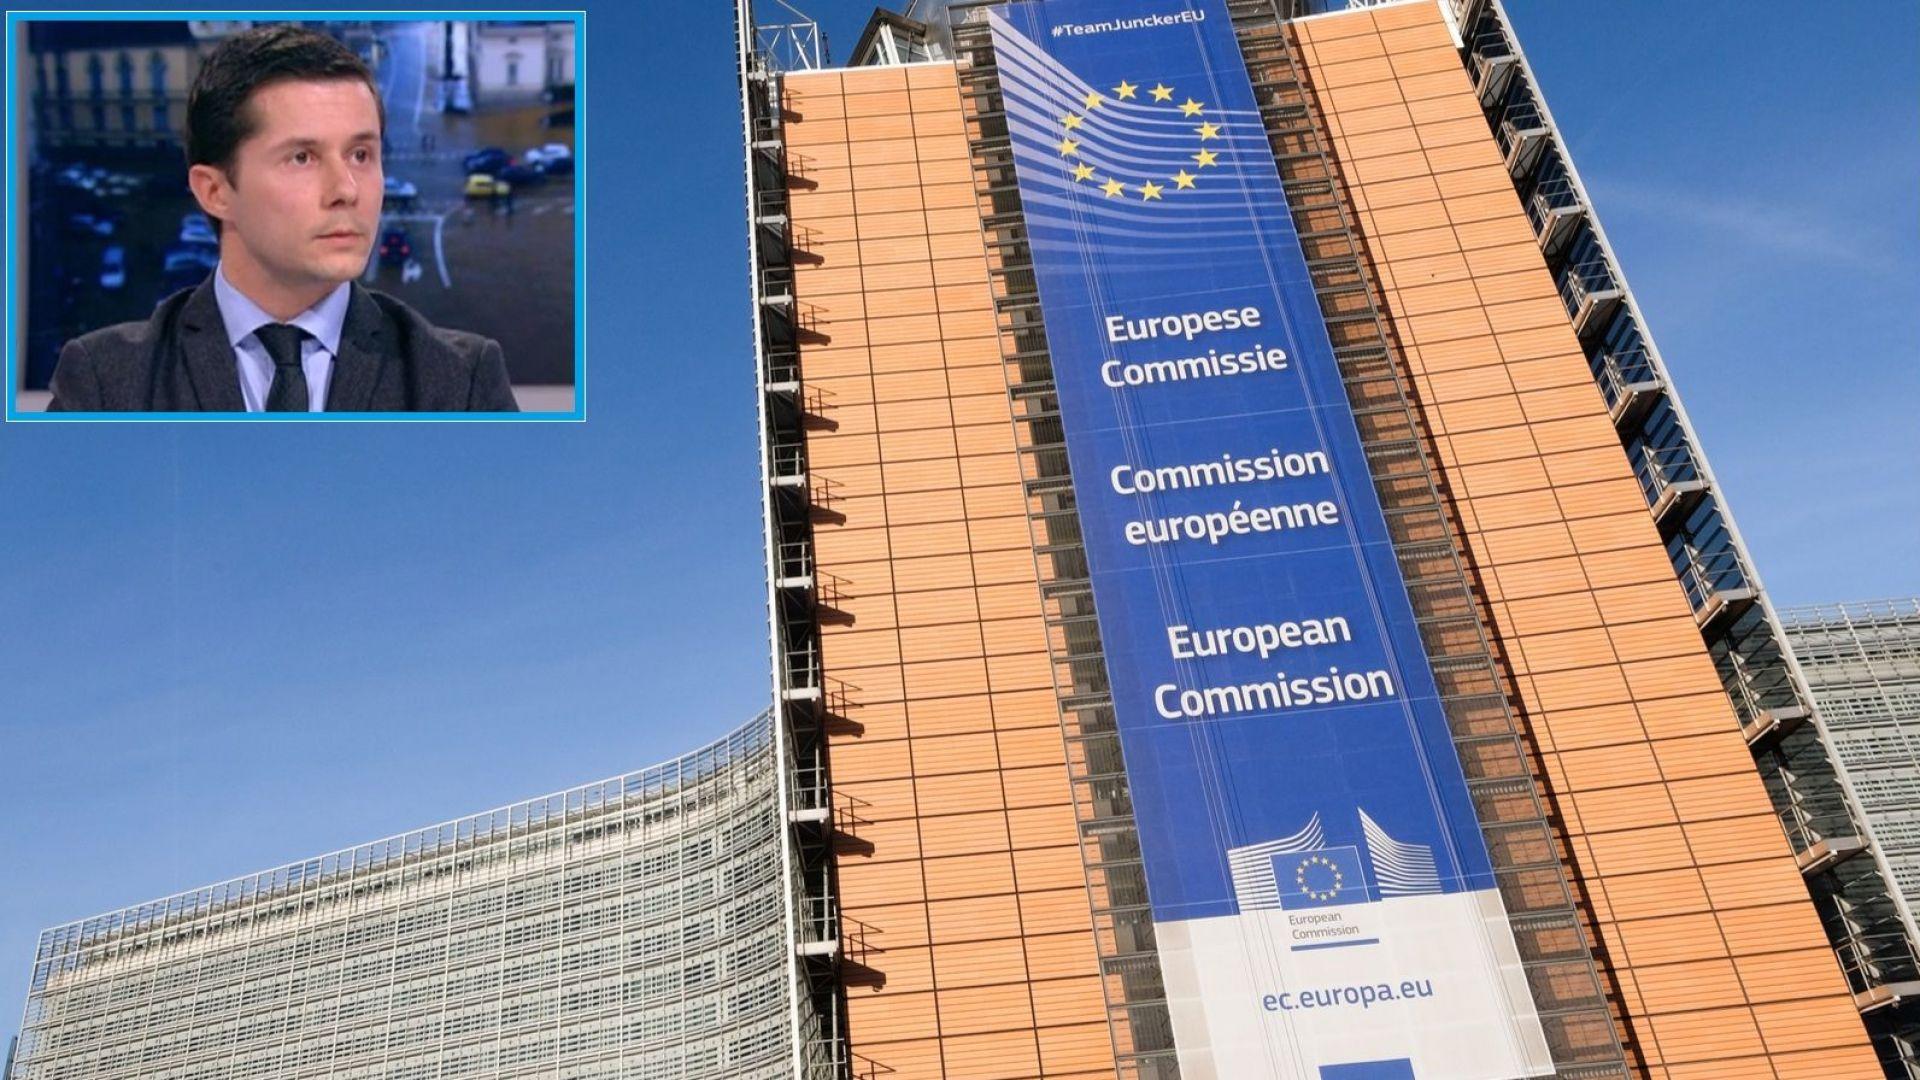 С настоящия мониторингов доклад Европейската комисия отправя кредит на доверие